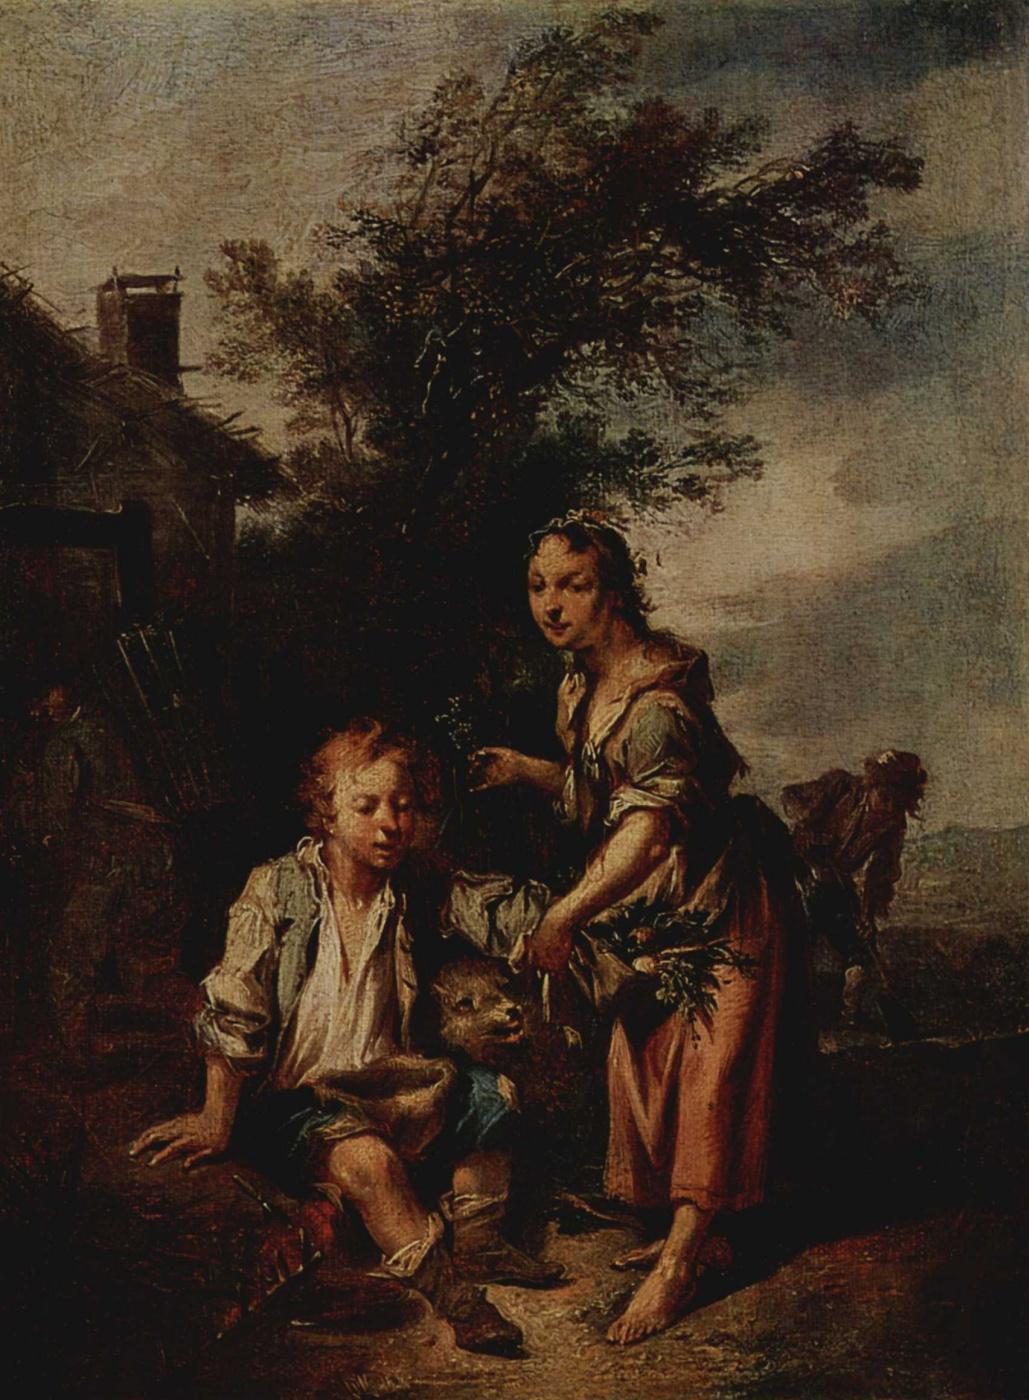 Johann Konrad Zeekac. Girl and beggar